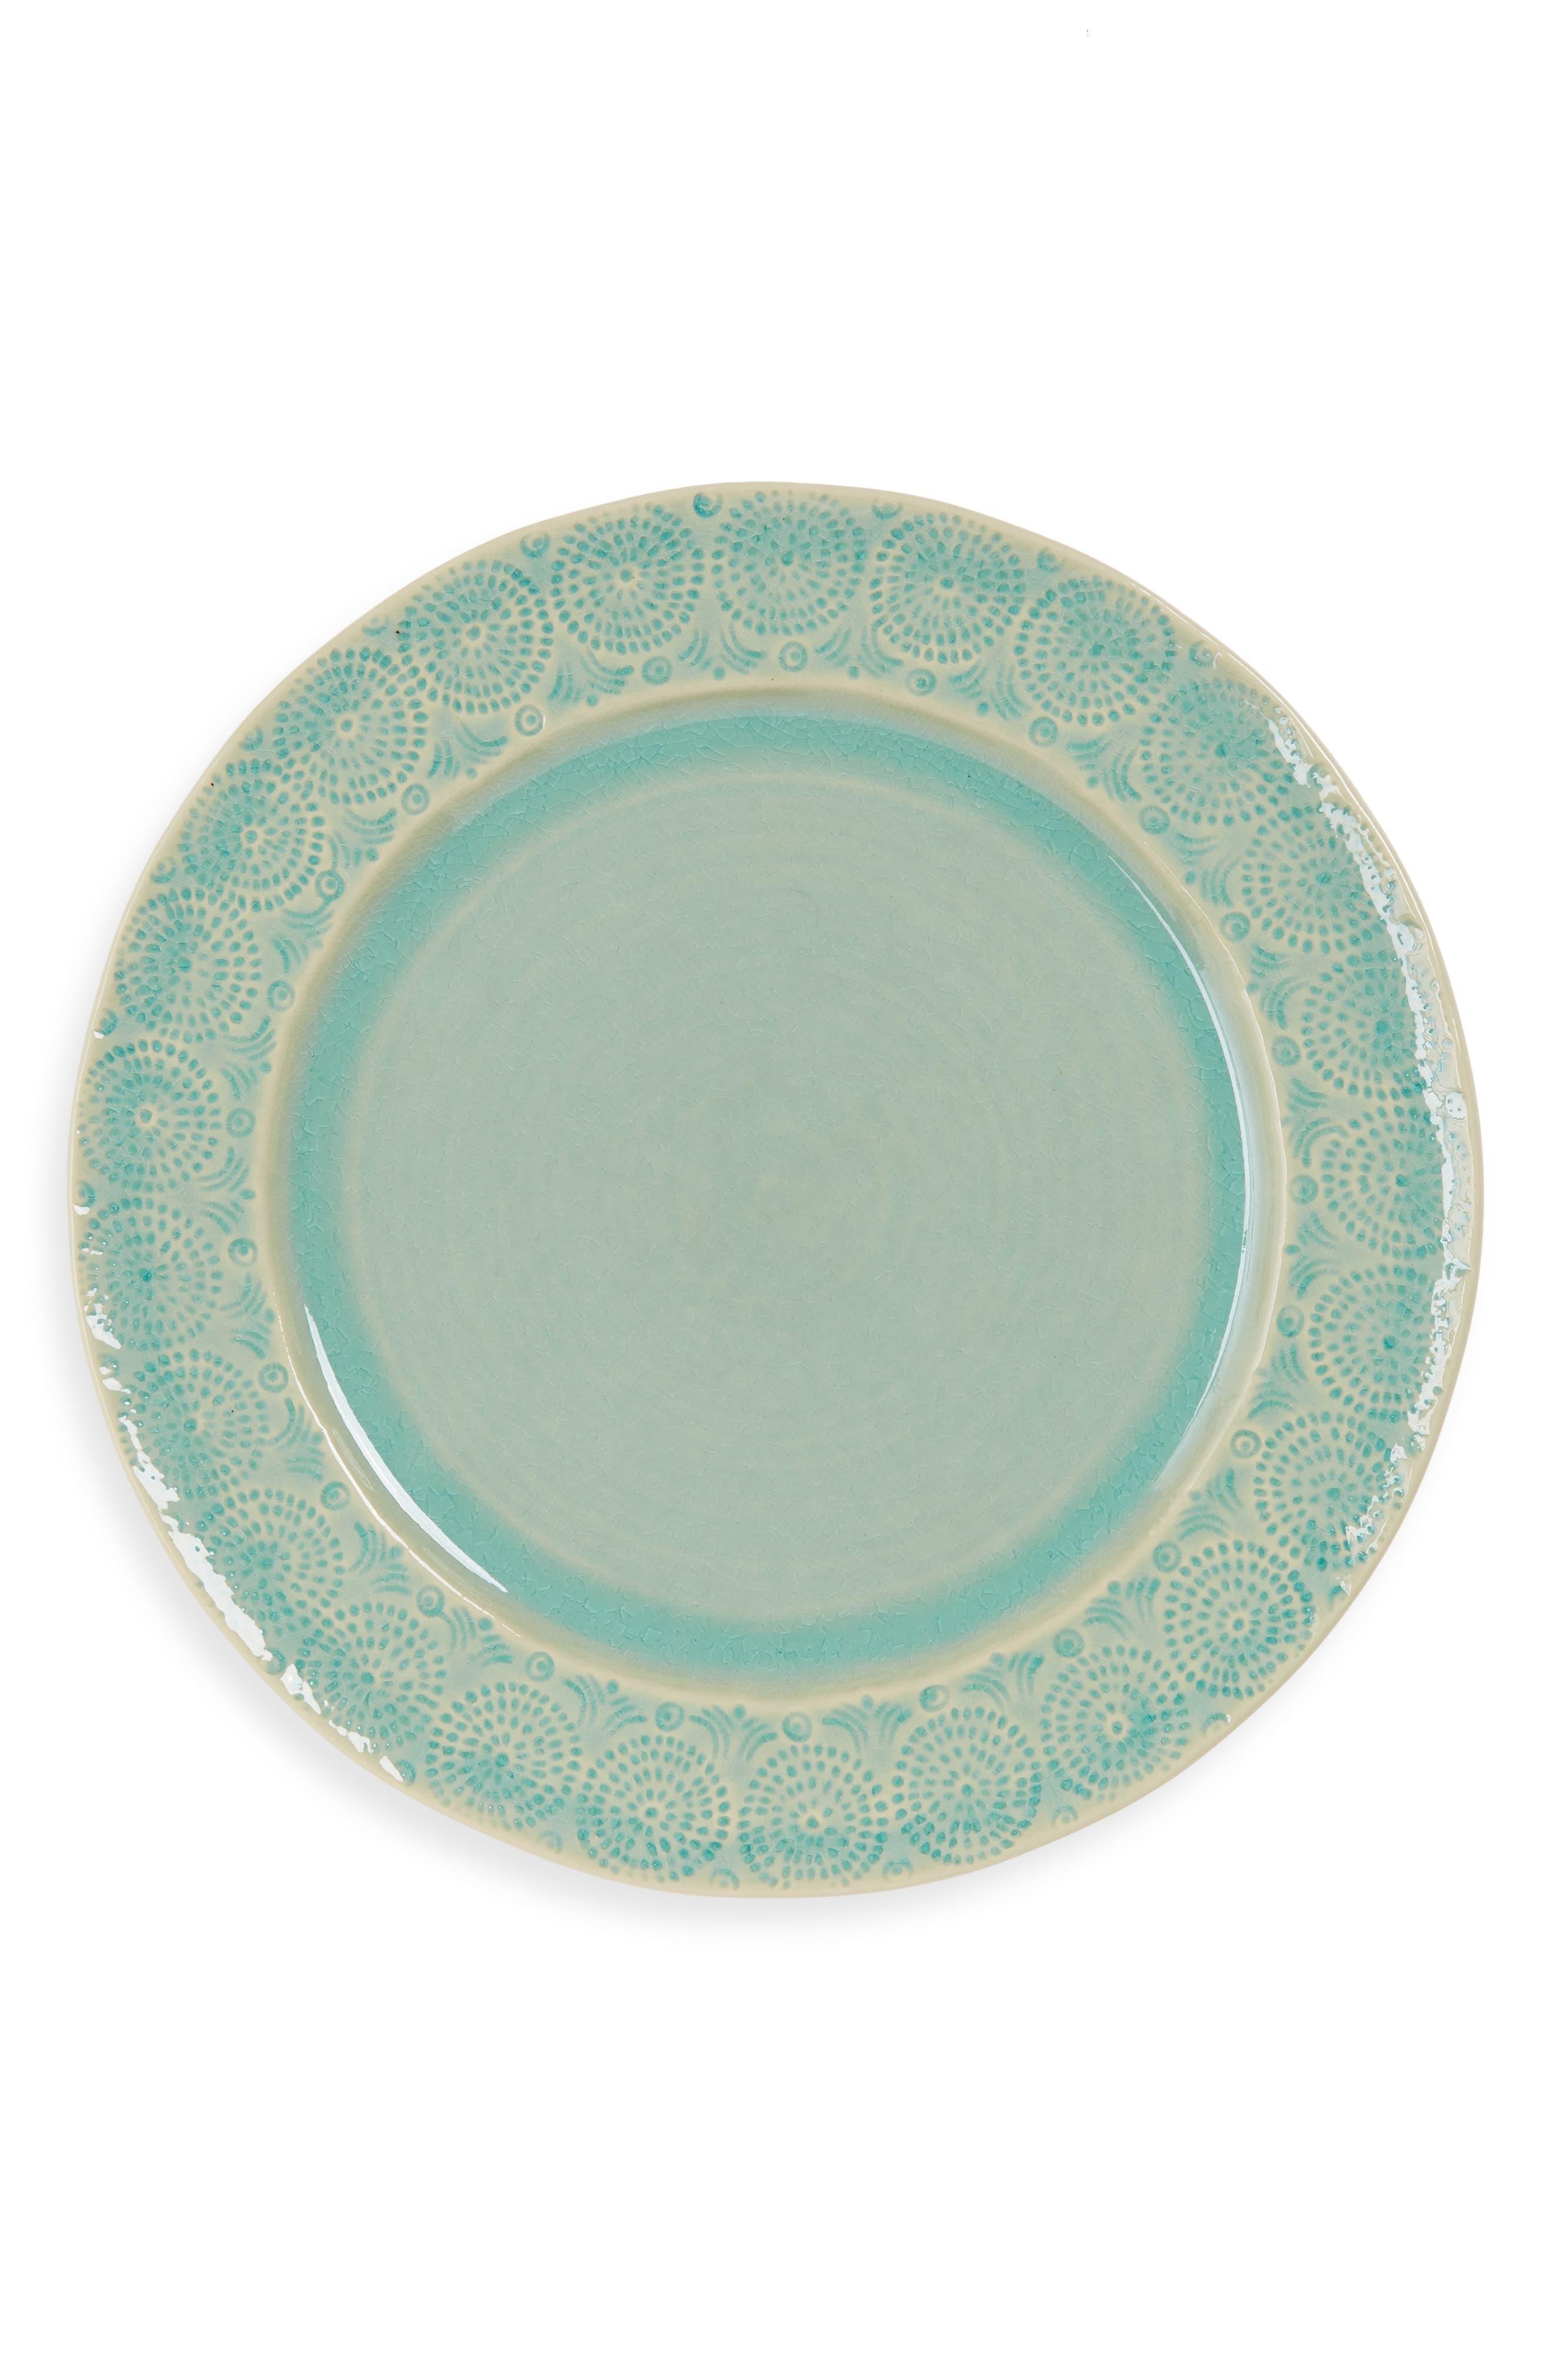 Anthropologie Old Havana Dinner Plate